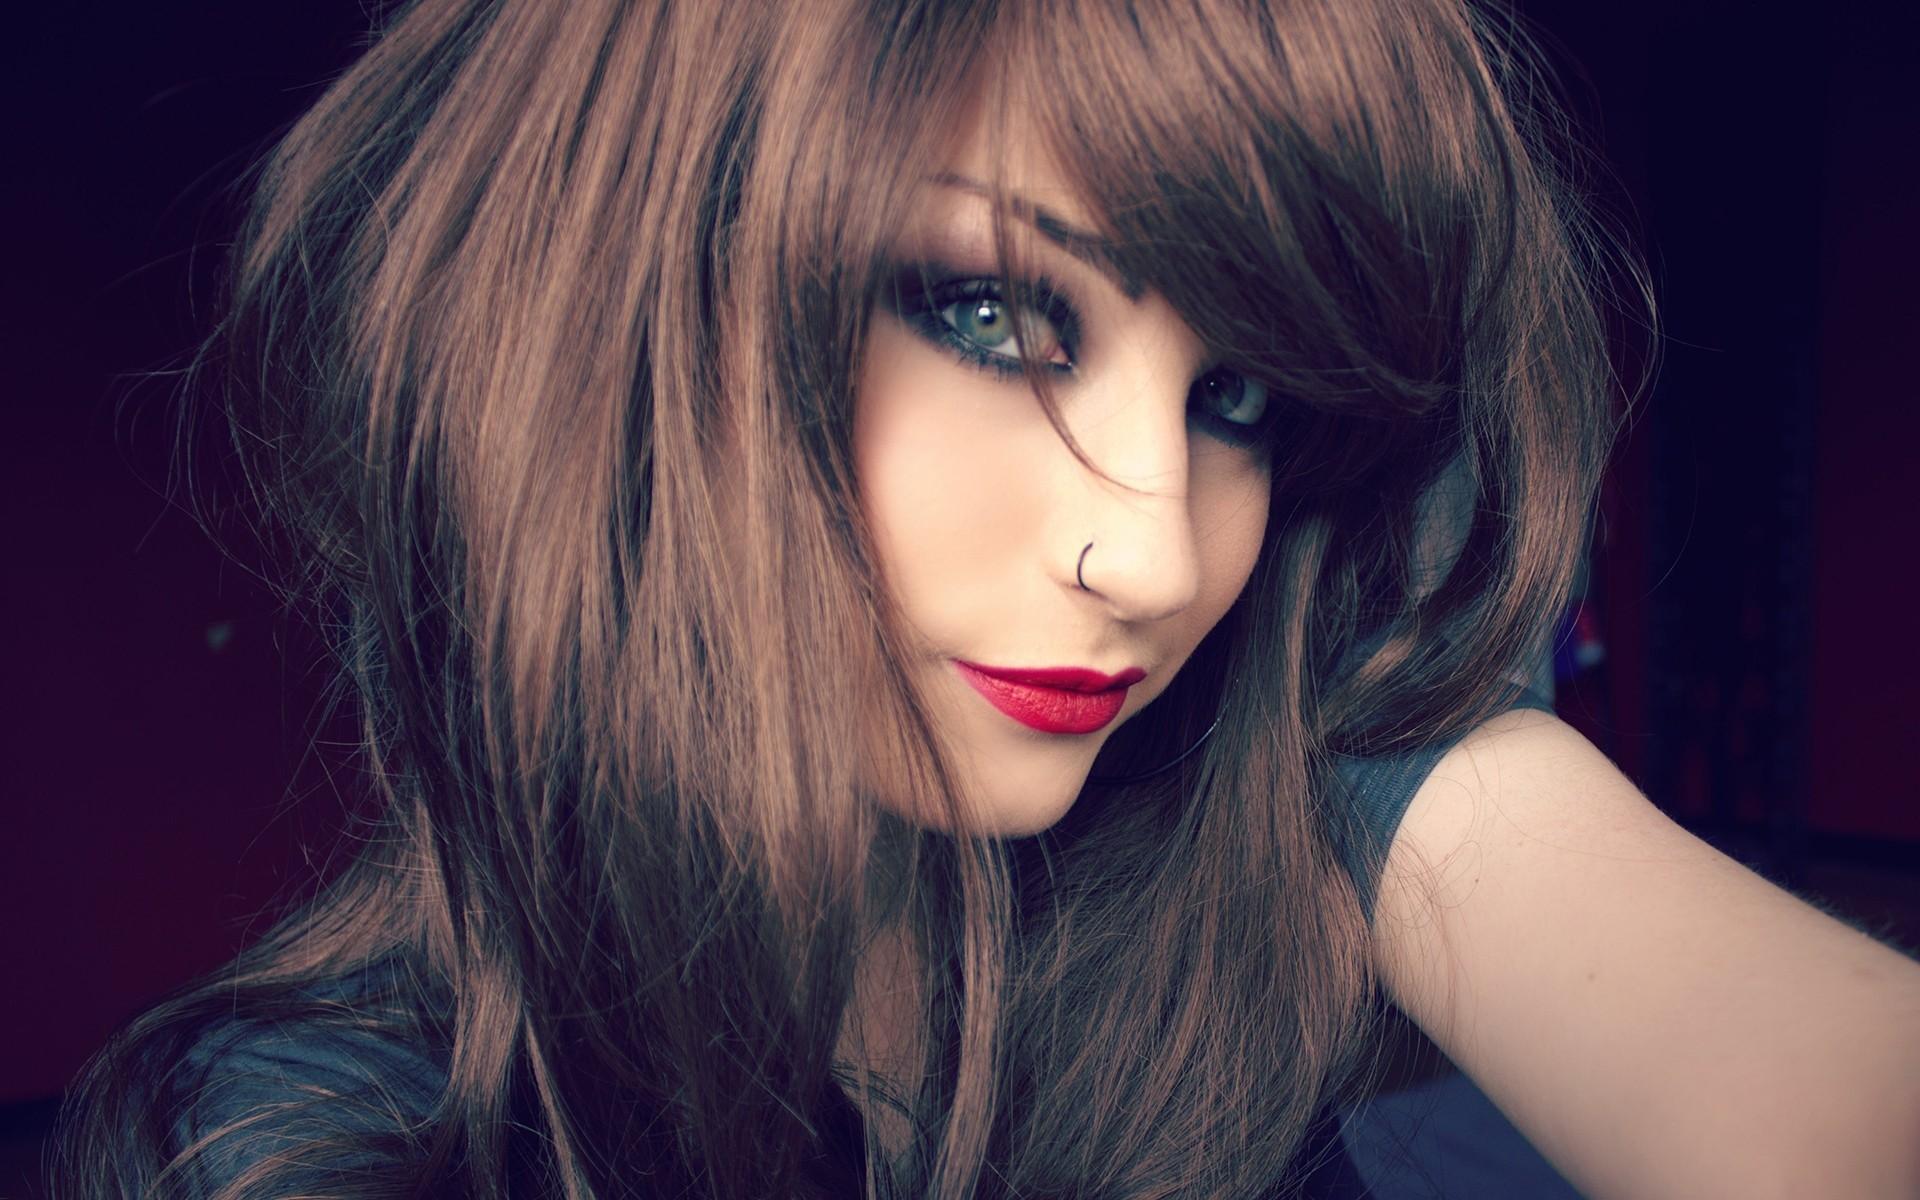 Wallpaper Face Women Model Nose Rings Long Hair Brunette